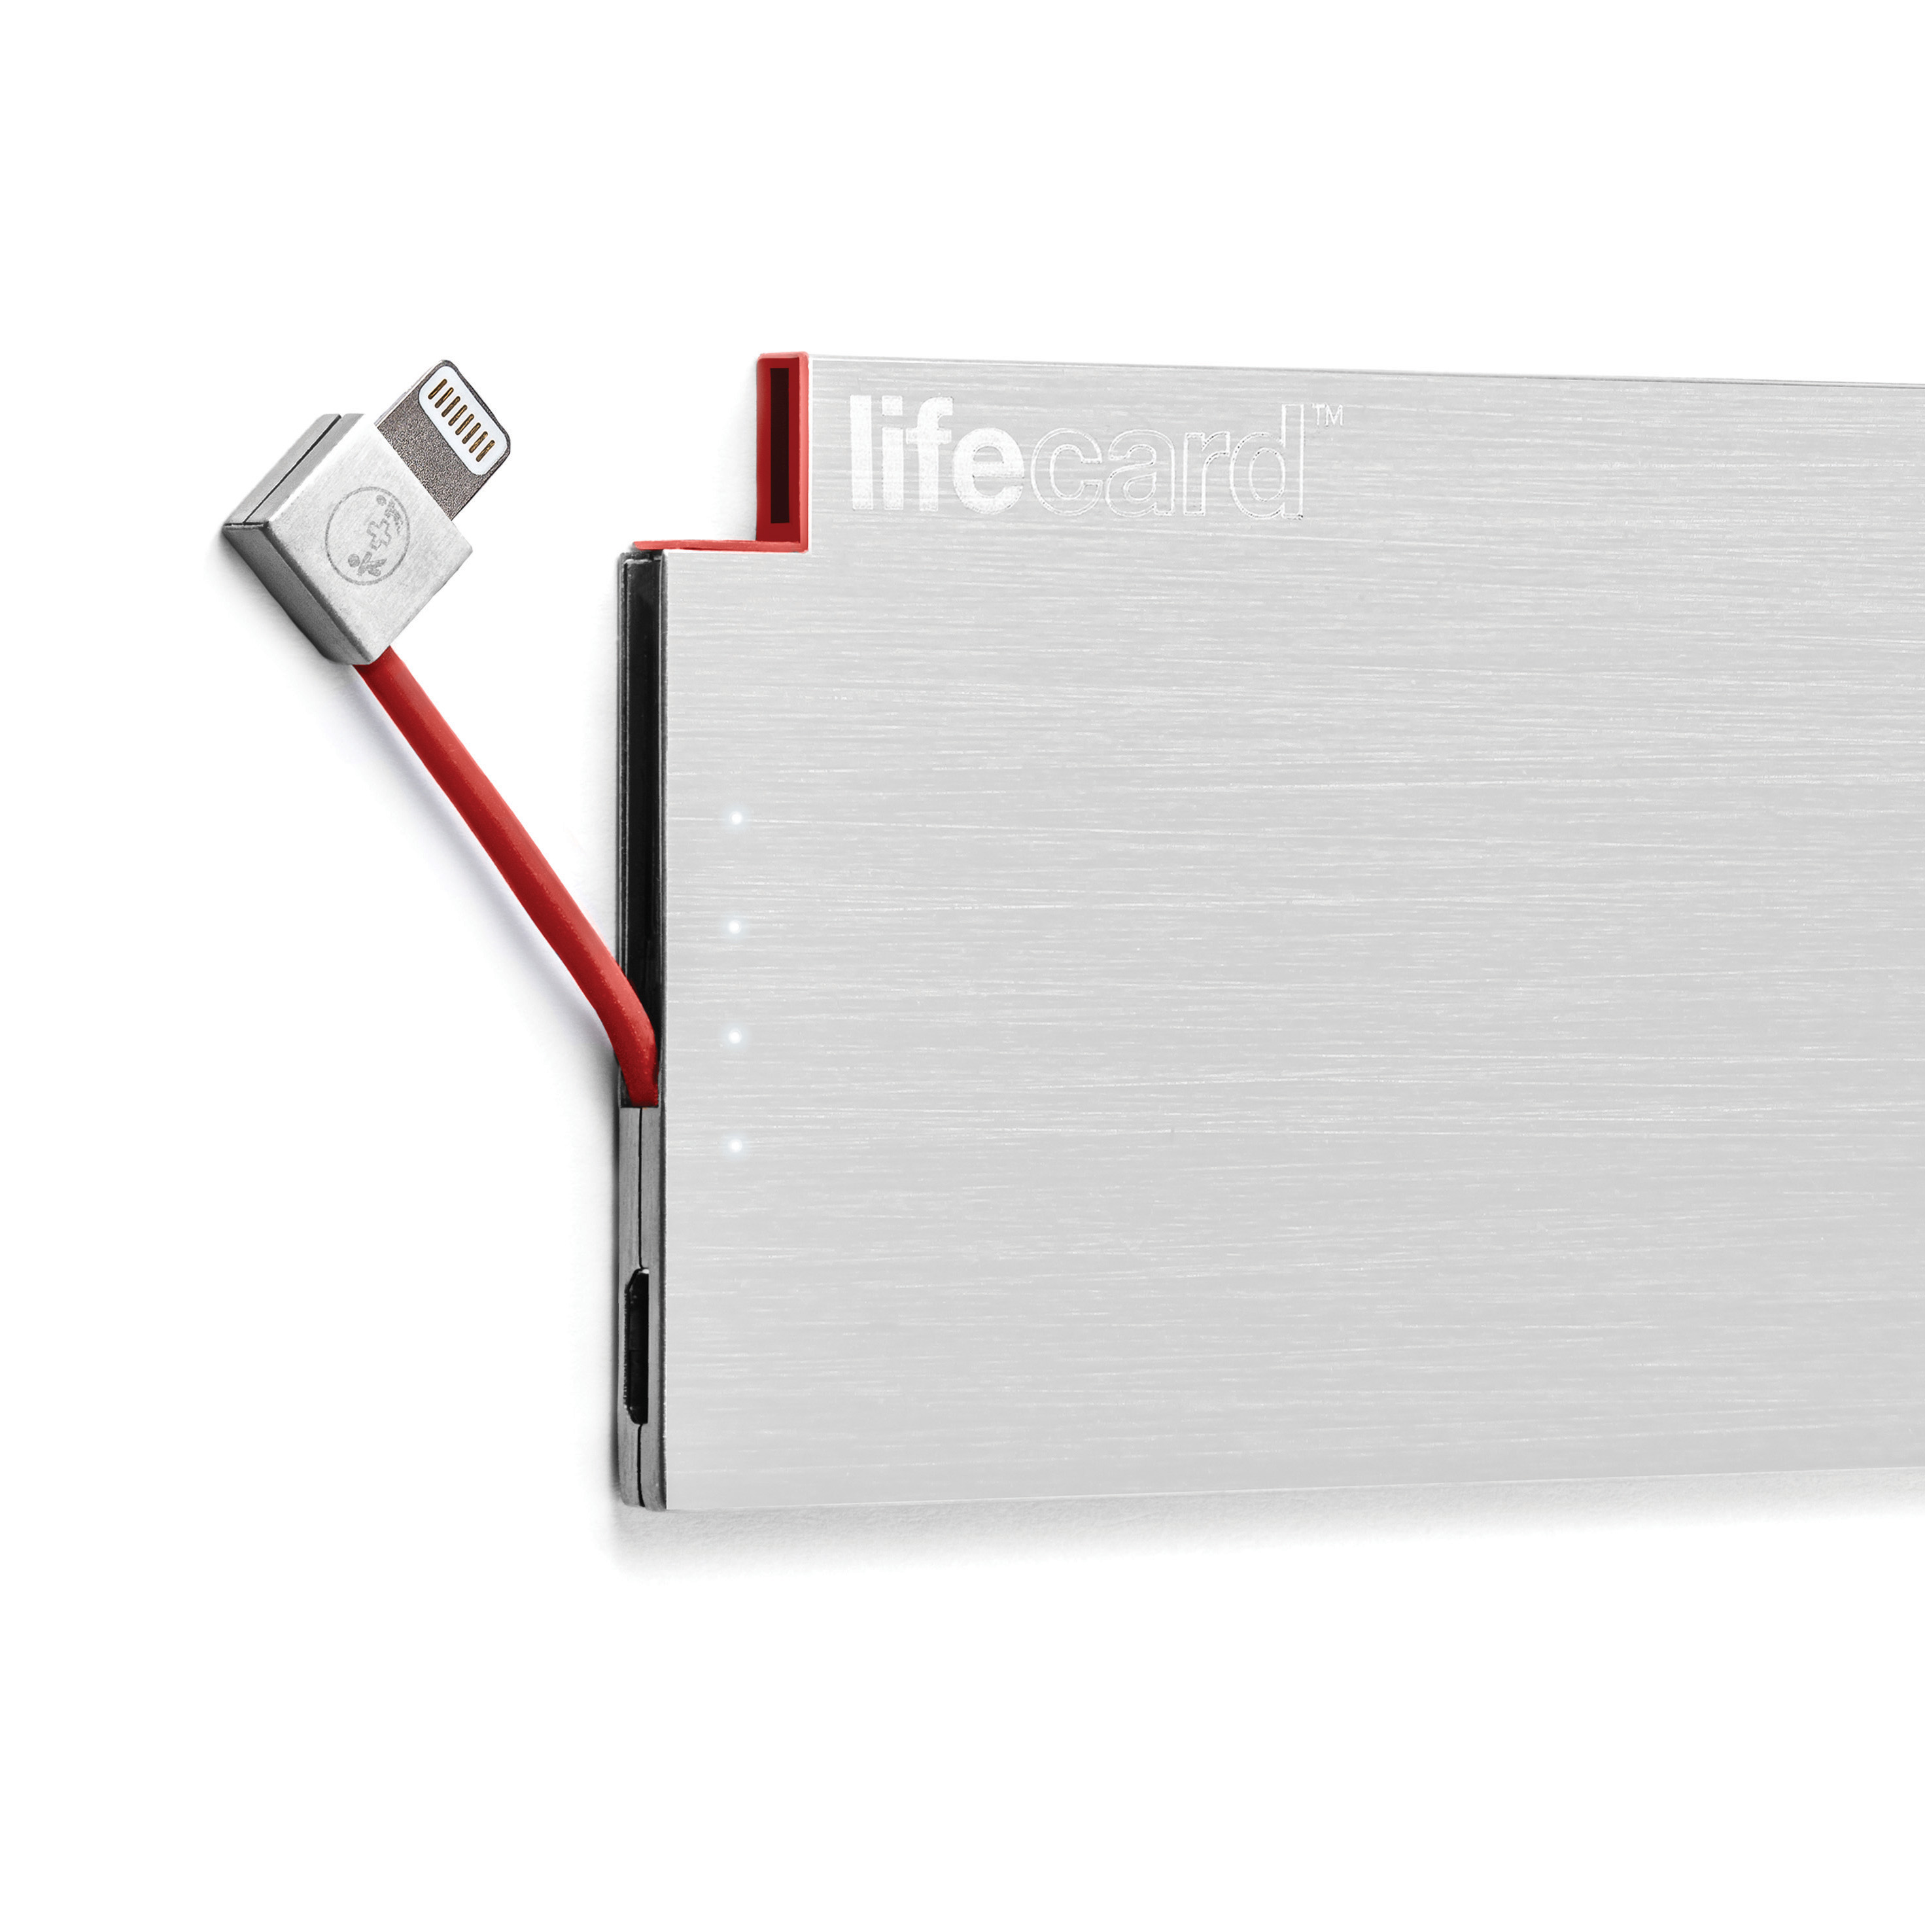 薄型スマホバッテリーのライフカードの画像7